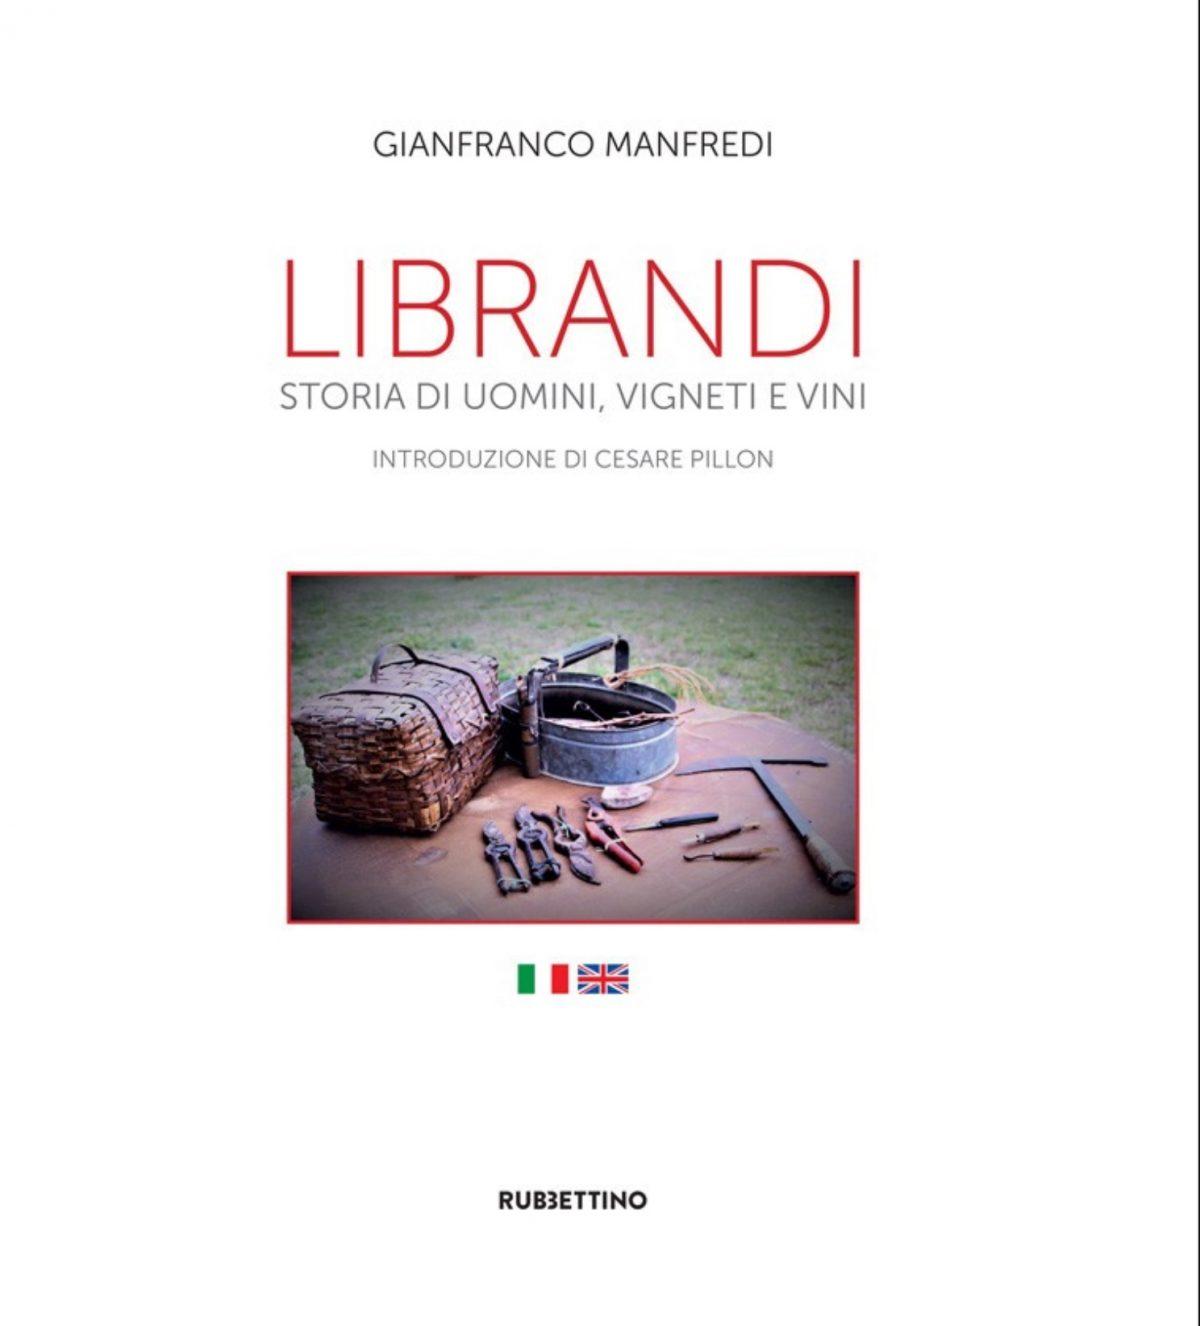 Libro Librandi Rubbettino